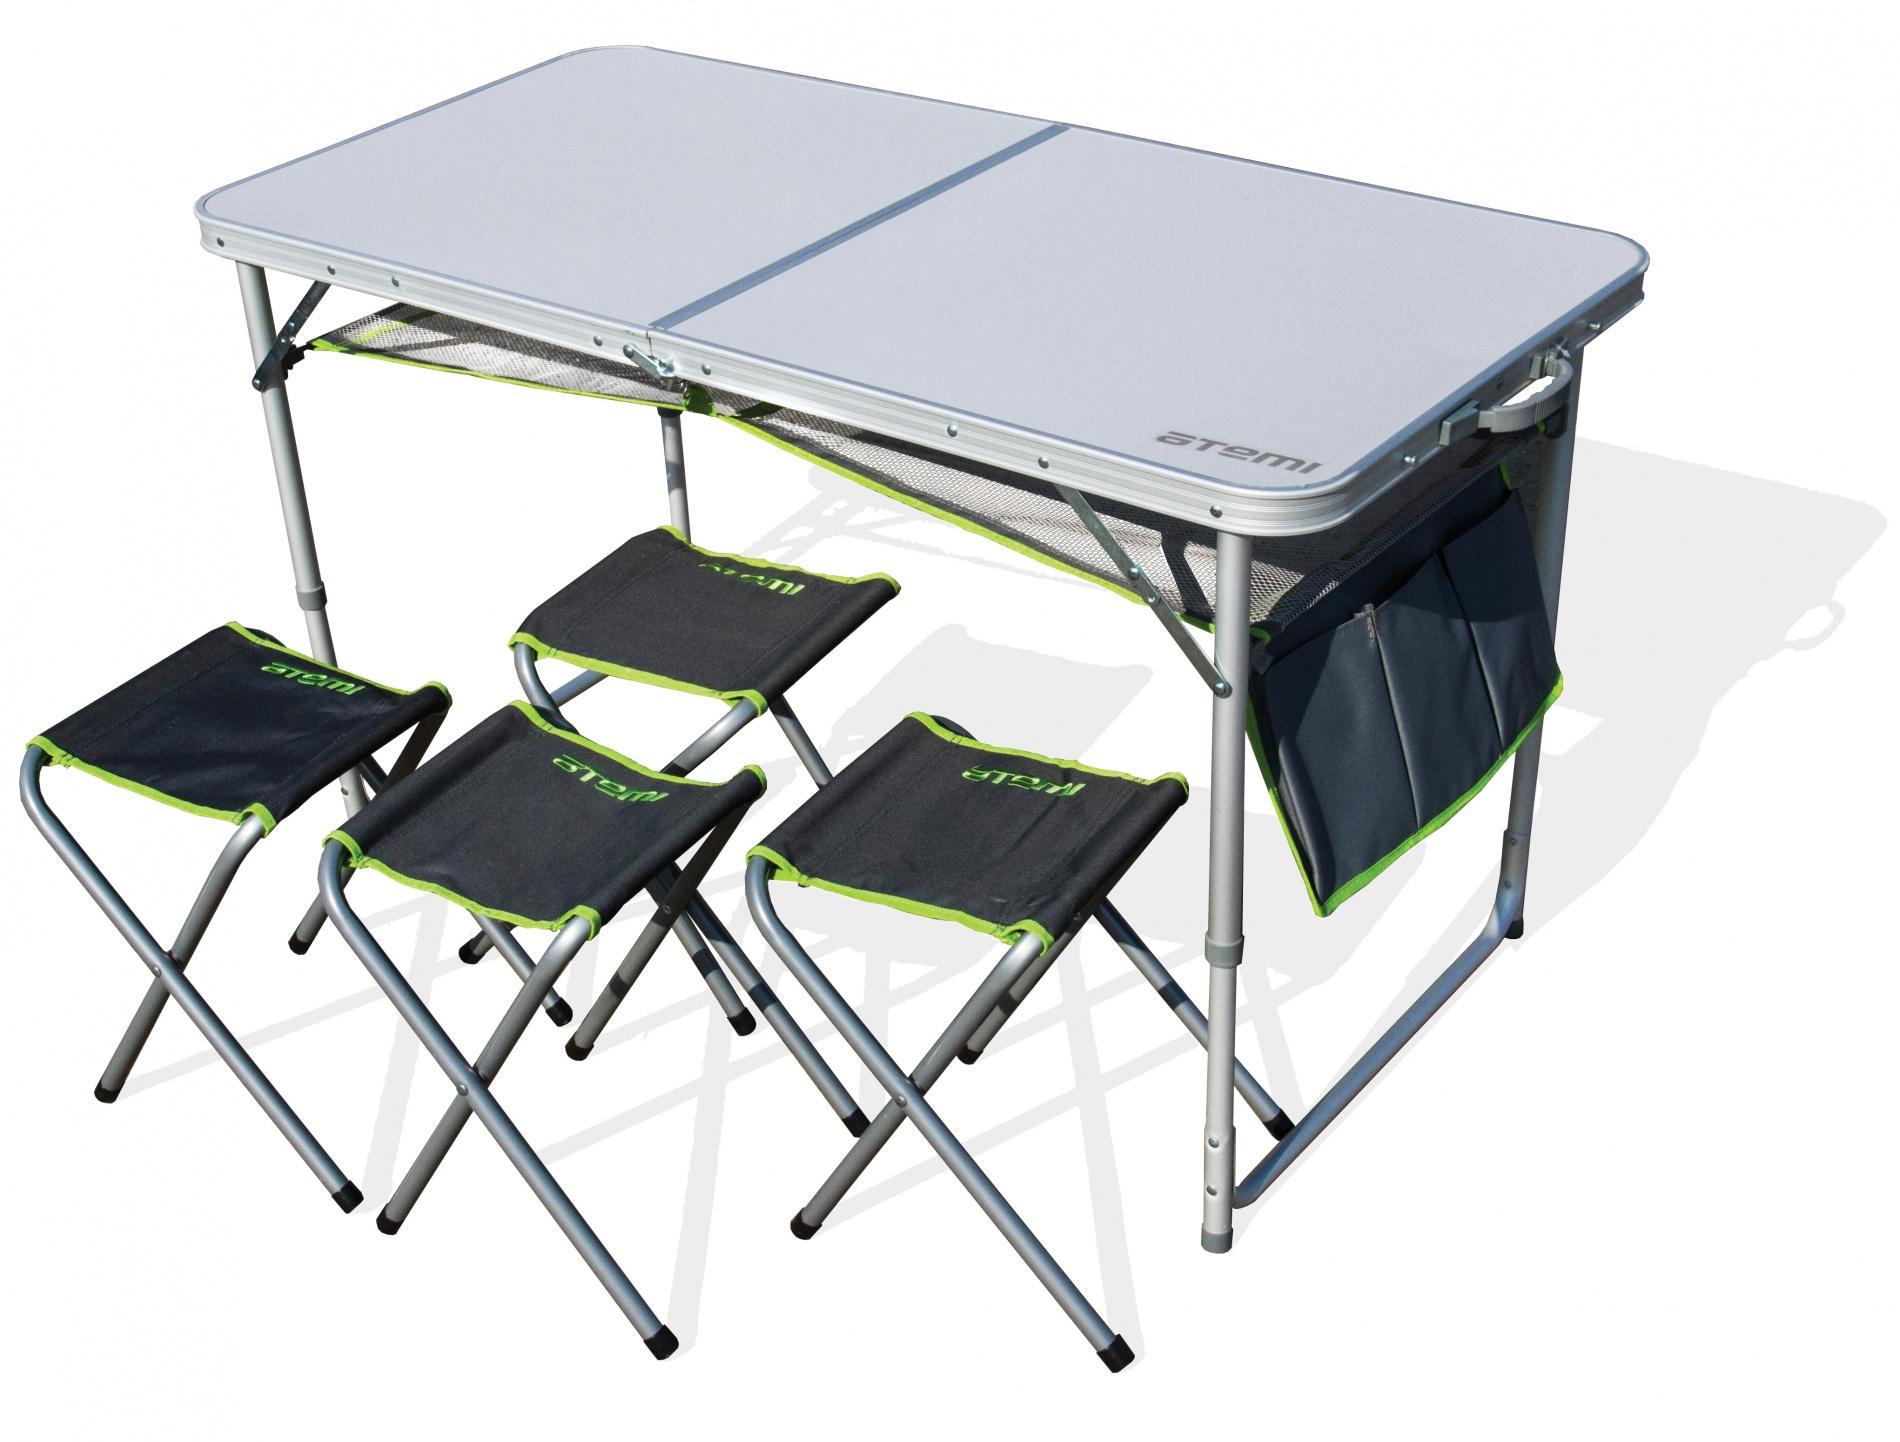 Набор мебели, стол туристический и 4 стула Набор мебели<br>Легко складывающийся алюминиевый стол <br>и четыре складных стула Материал конструкции <br>стола: алюминий Ф 25 мм; Материал стула: сталь <br>+ полиэстр Столешница: МДФ; Размер стола: <br>120x60x70 см; Размер стула: 29 x 25 x 35 см. Допустимая <br>нагрузка: 30кг Допустимая нагрузка на стулья: <br>90 кг. Вес: 10 кг Объем упаковки: 0,034 м3<br>